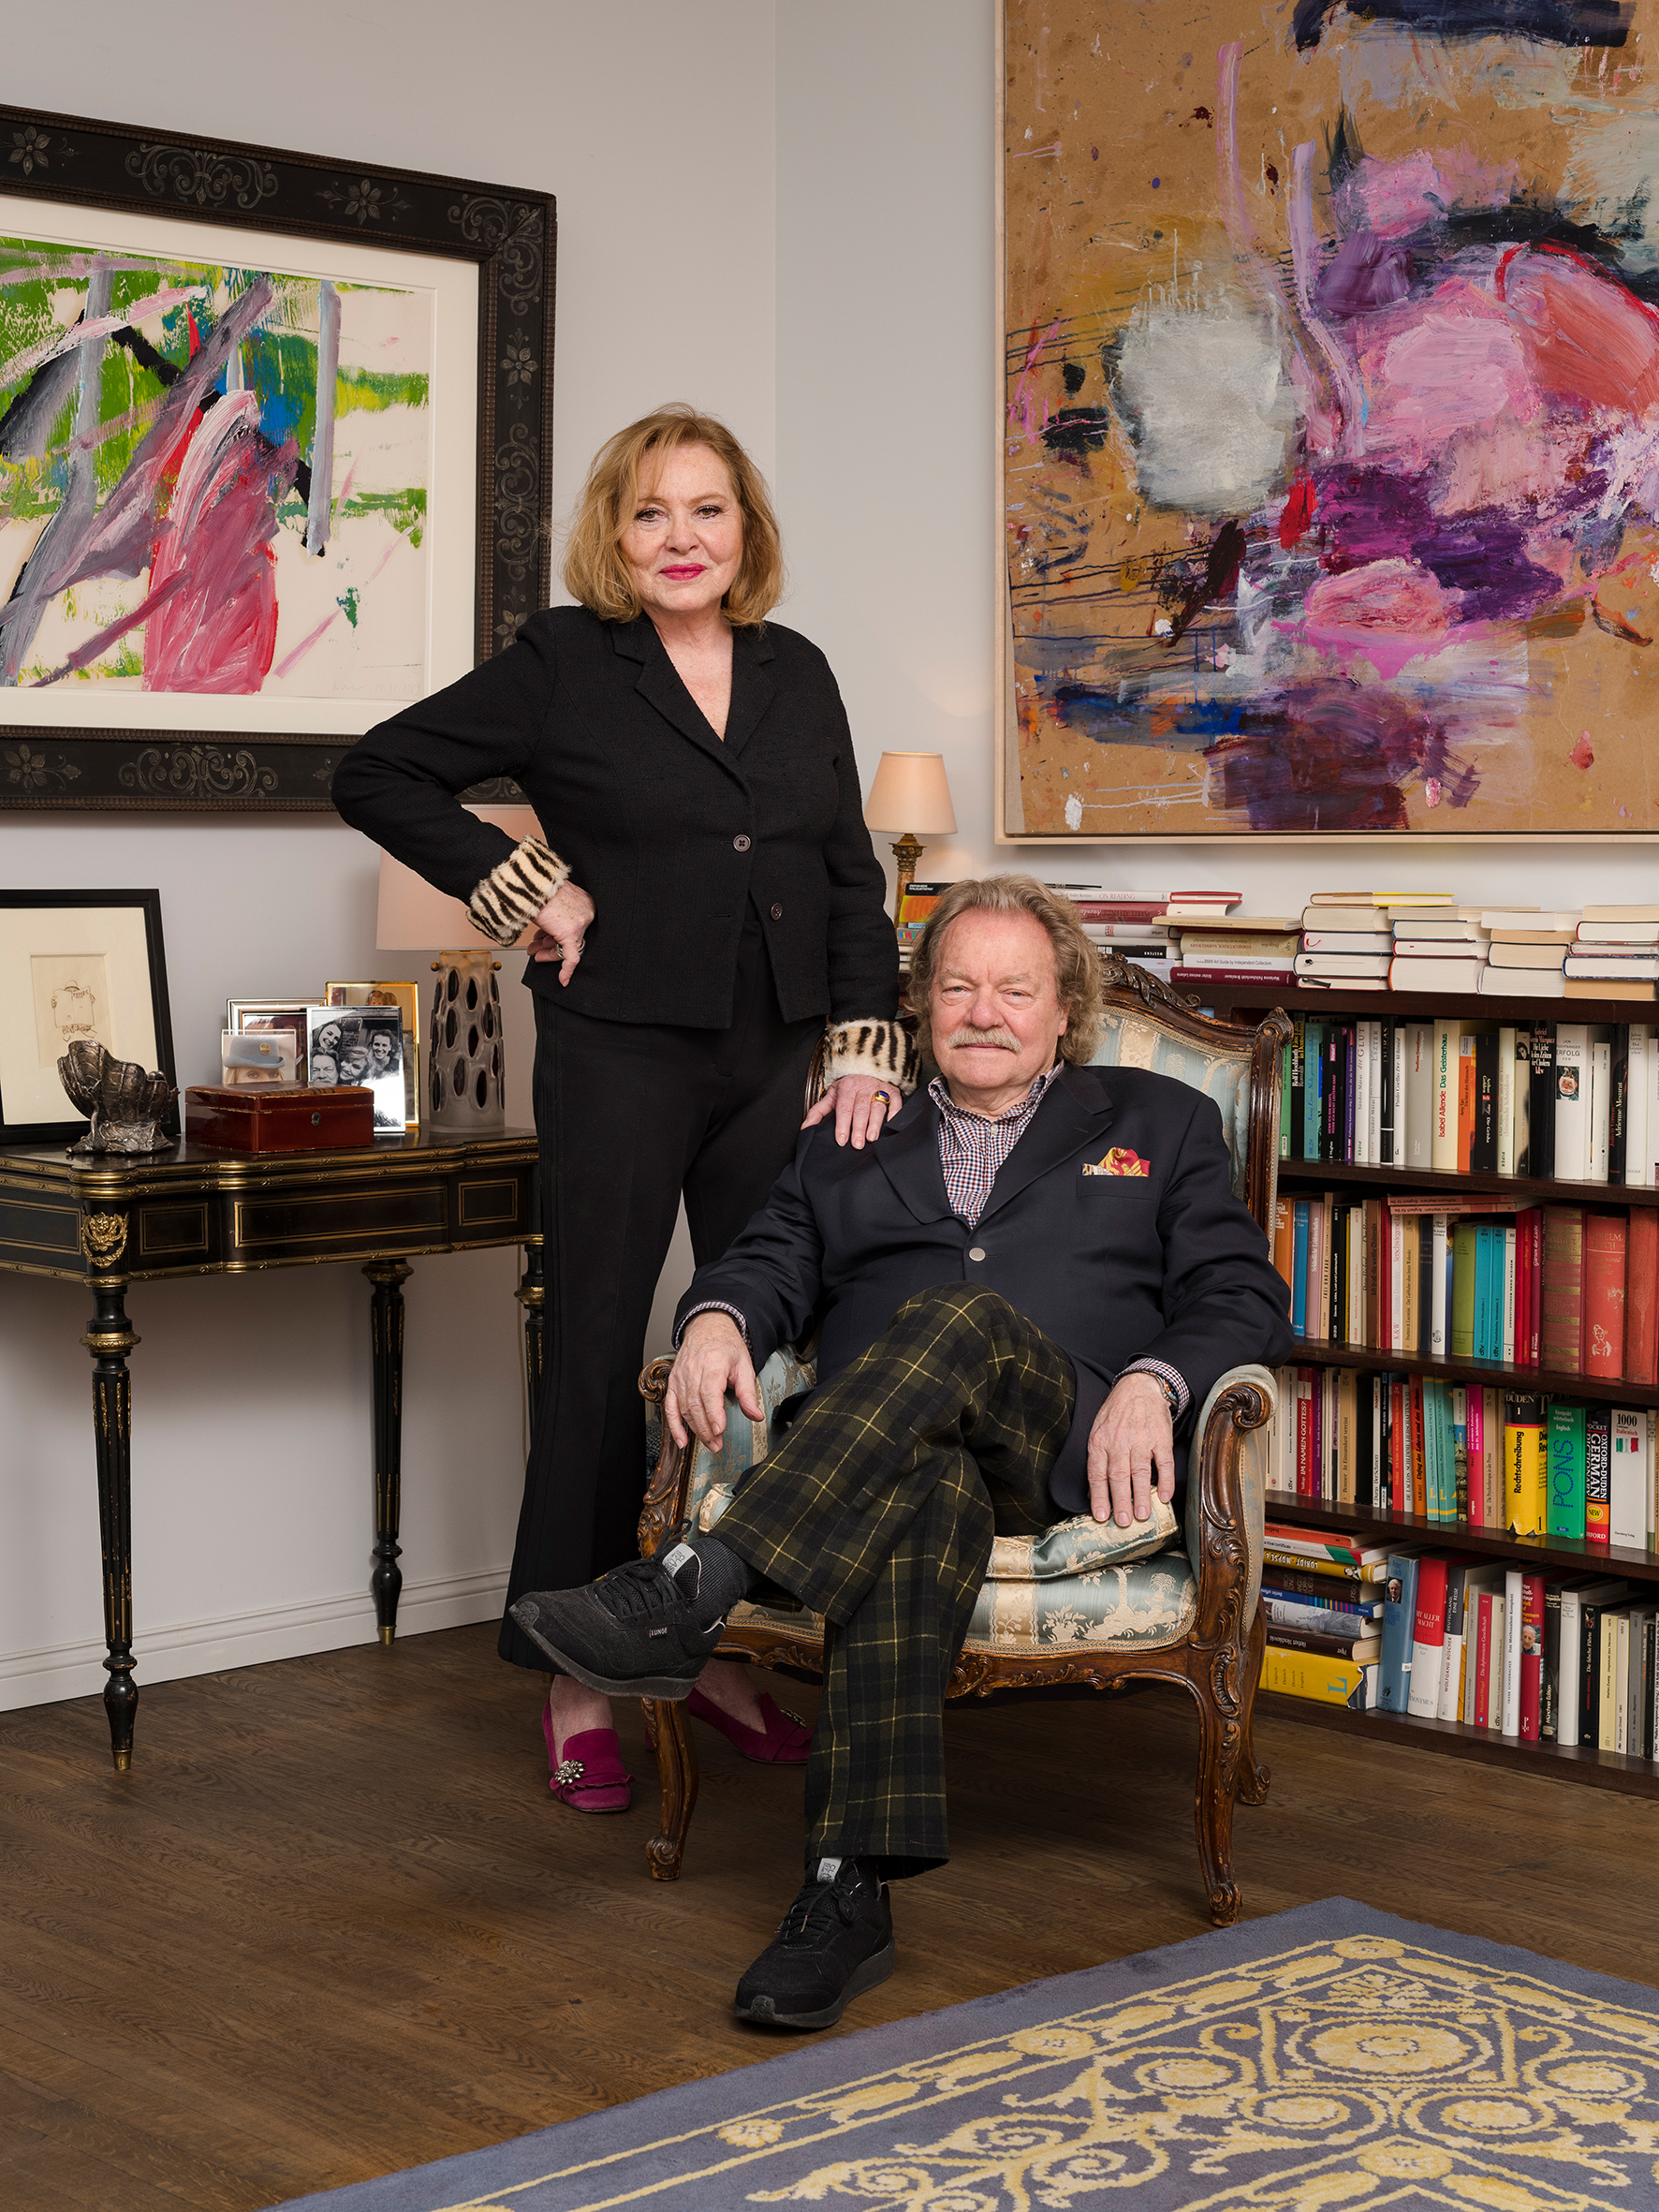 Manuela Alexejew mit Carlos Brandl, Im Hintergrund links: Gerhard Richter (Detail), Im Hintergrund rechts: Martha Jungwirth (Detail), © Trevor Good